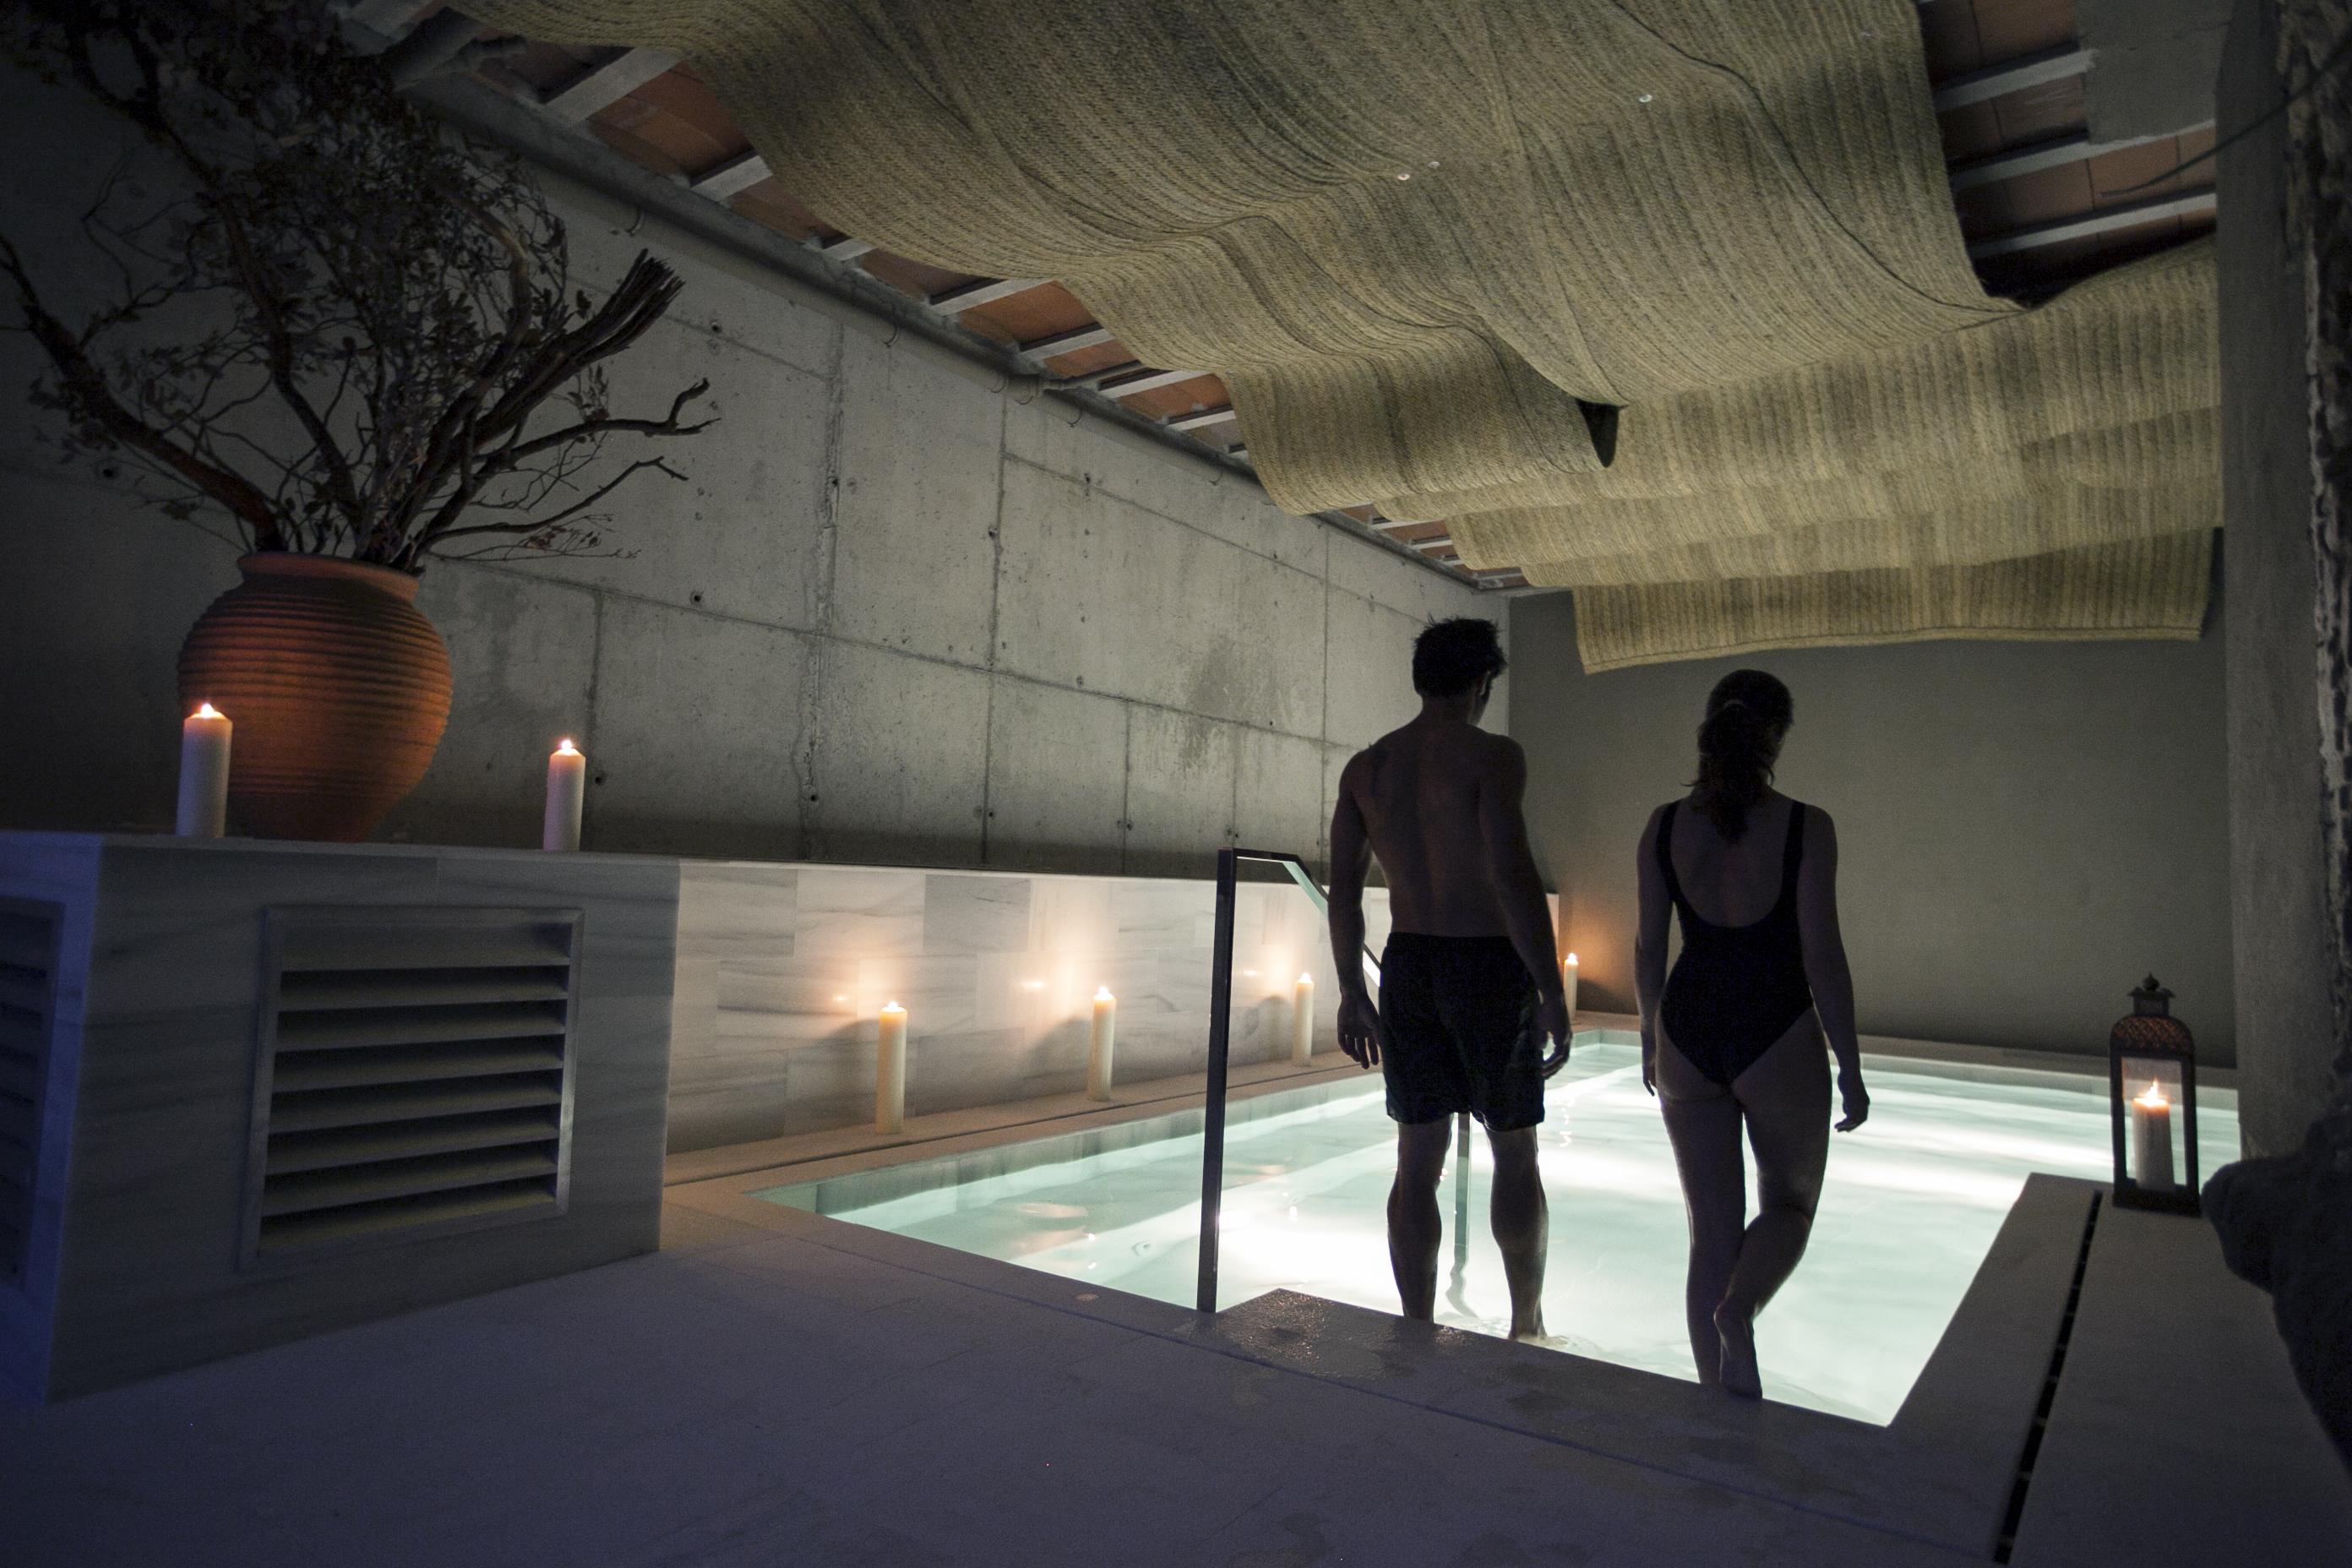 Aire Baths Vallromanes BarcelonaAire Ancient Baths and Spa Vallromanes  Barcelona    Ultimate  . Aire Baths Spain. Home Design Ideas